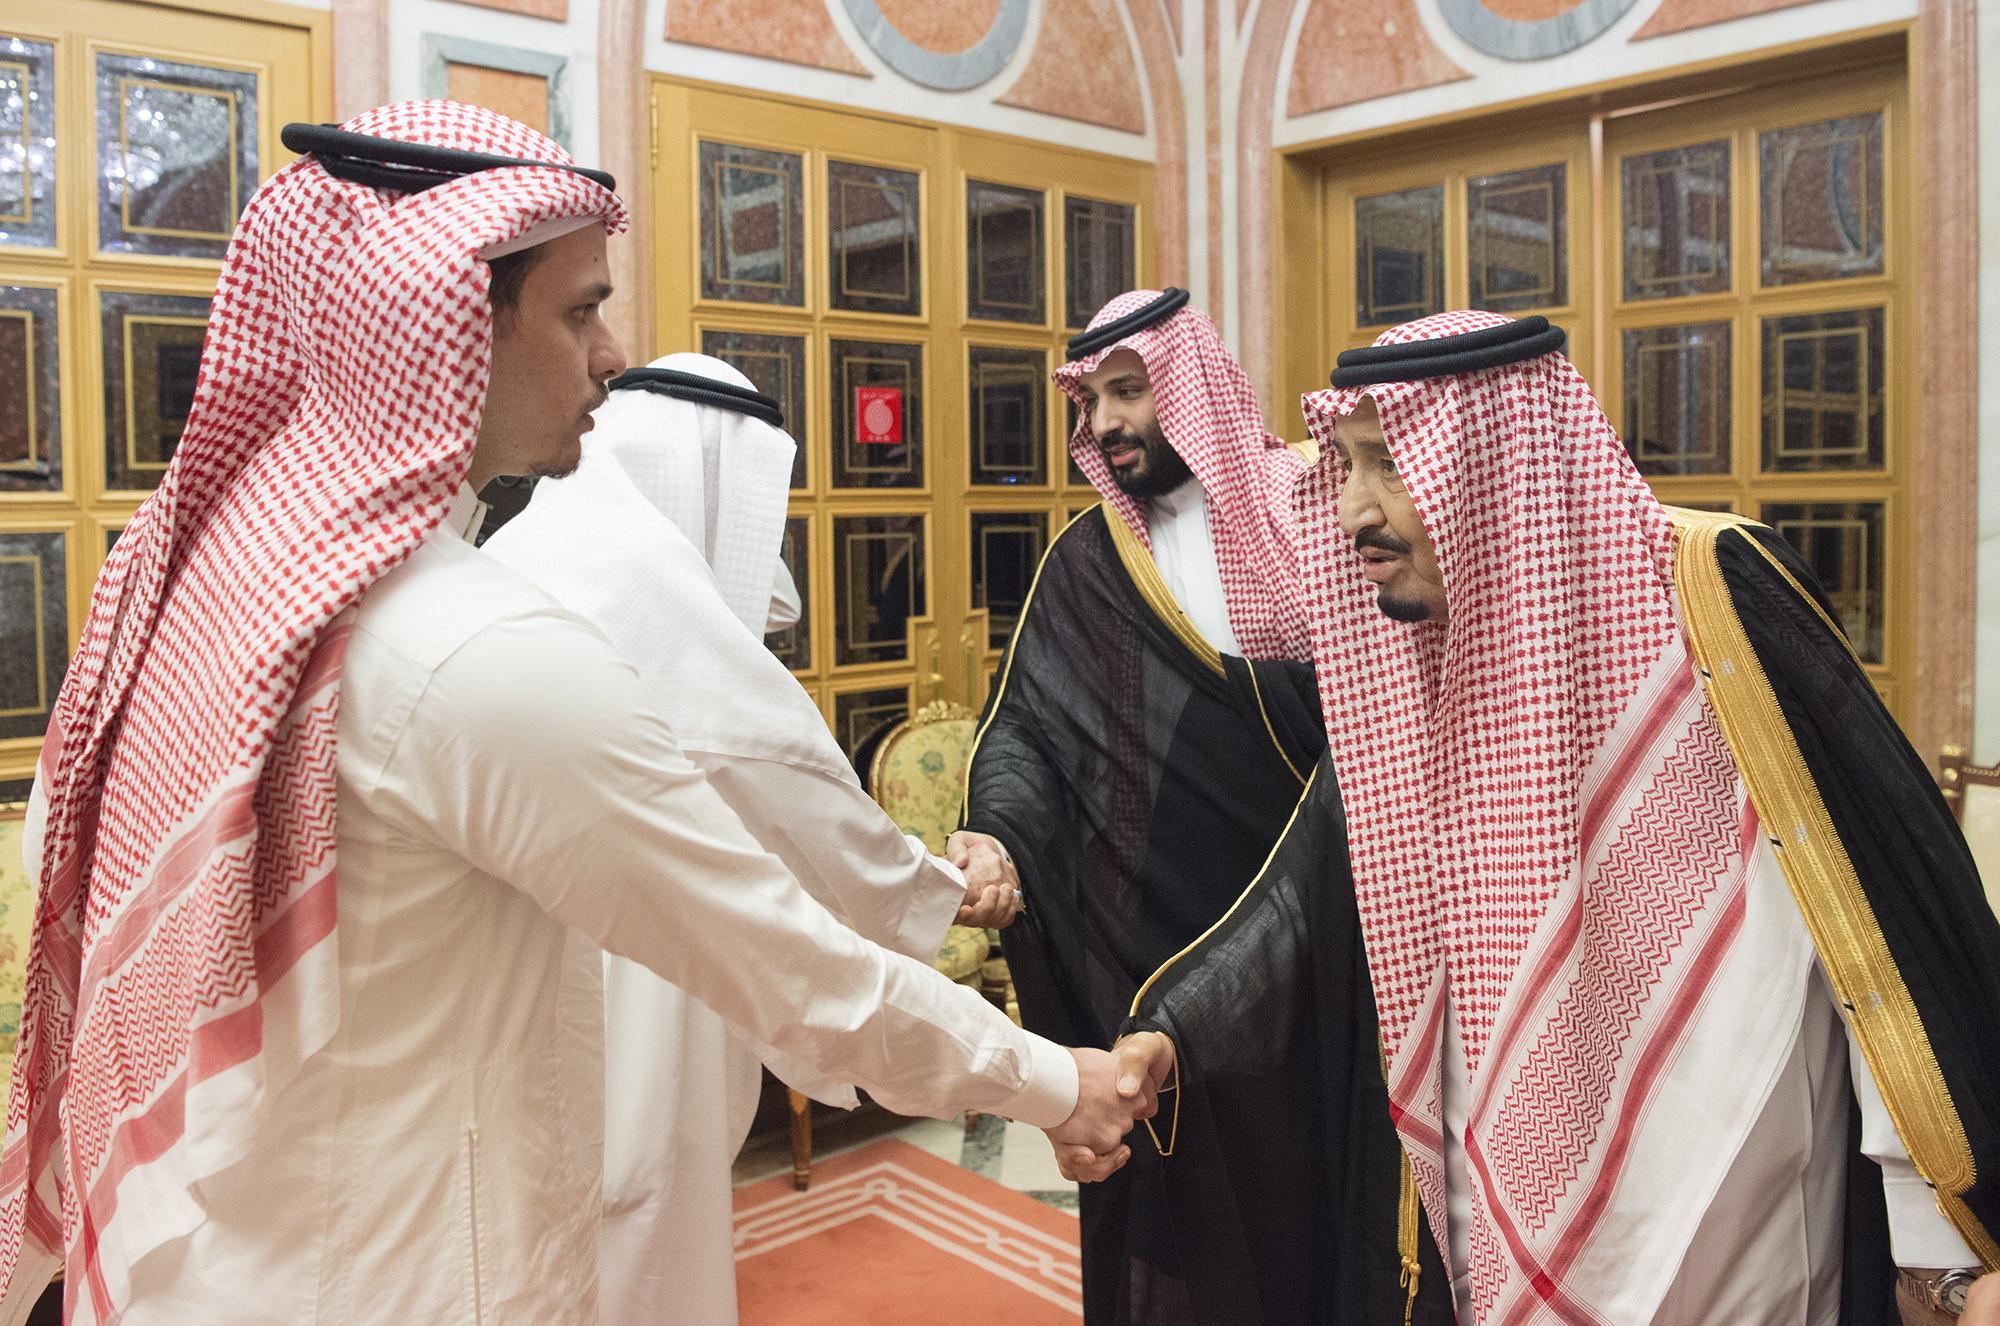 CIA ar avea dovezi privind implicarea prinţului saudit în asasinarea lui Khashoggi